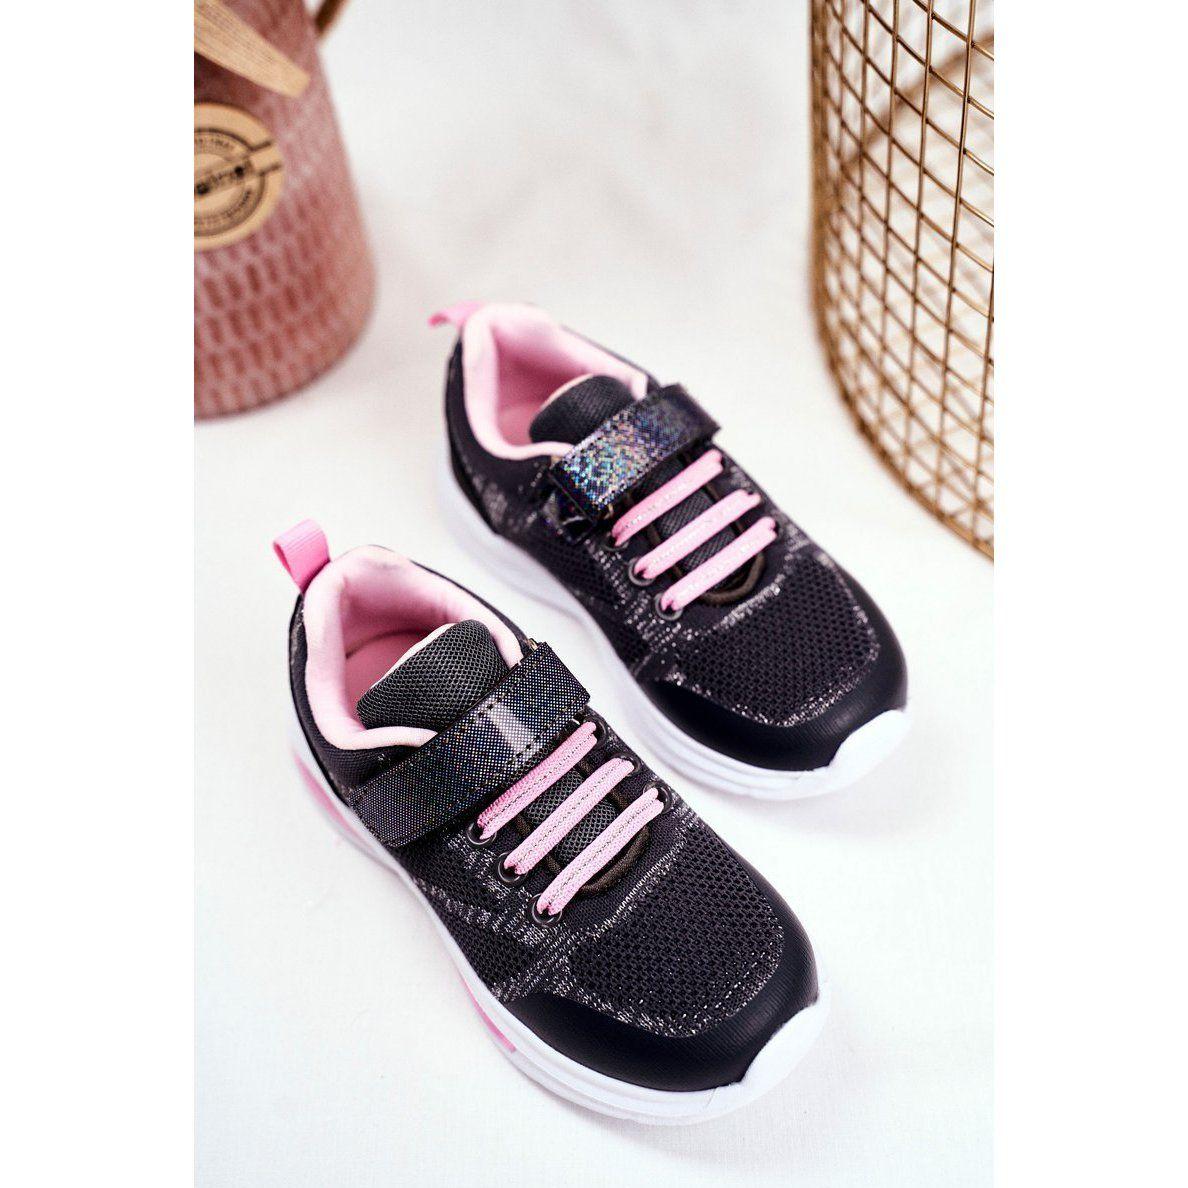 Eve Sportowe Buty Dzieciece Swiecace Na Rzepy Szare Simple Way Rozowe Shoes Adidas Samba Sneakers Adidas Samba